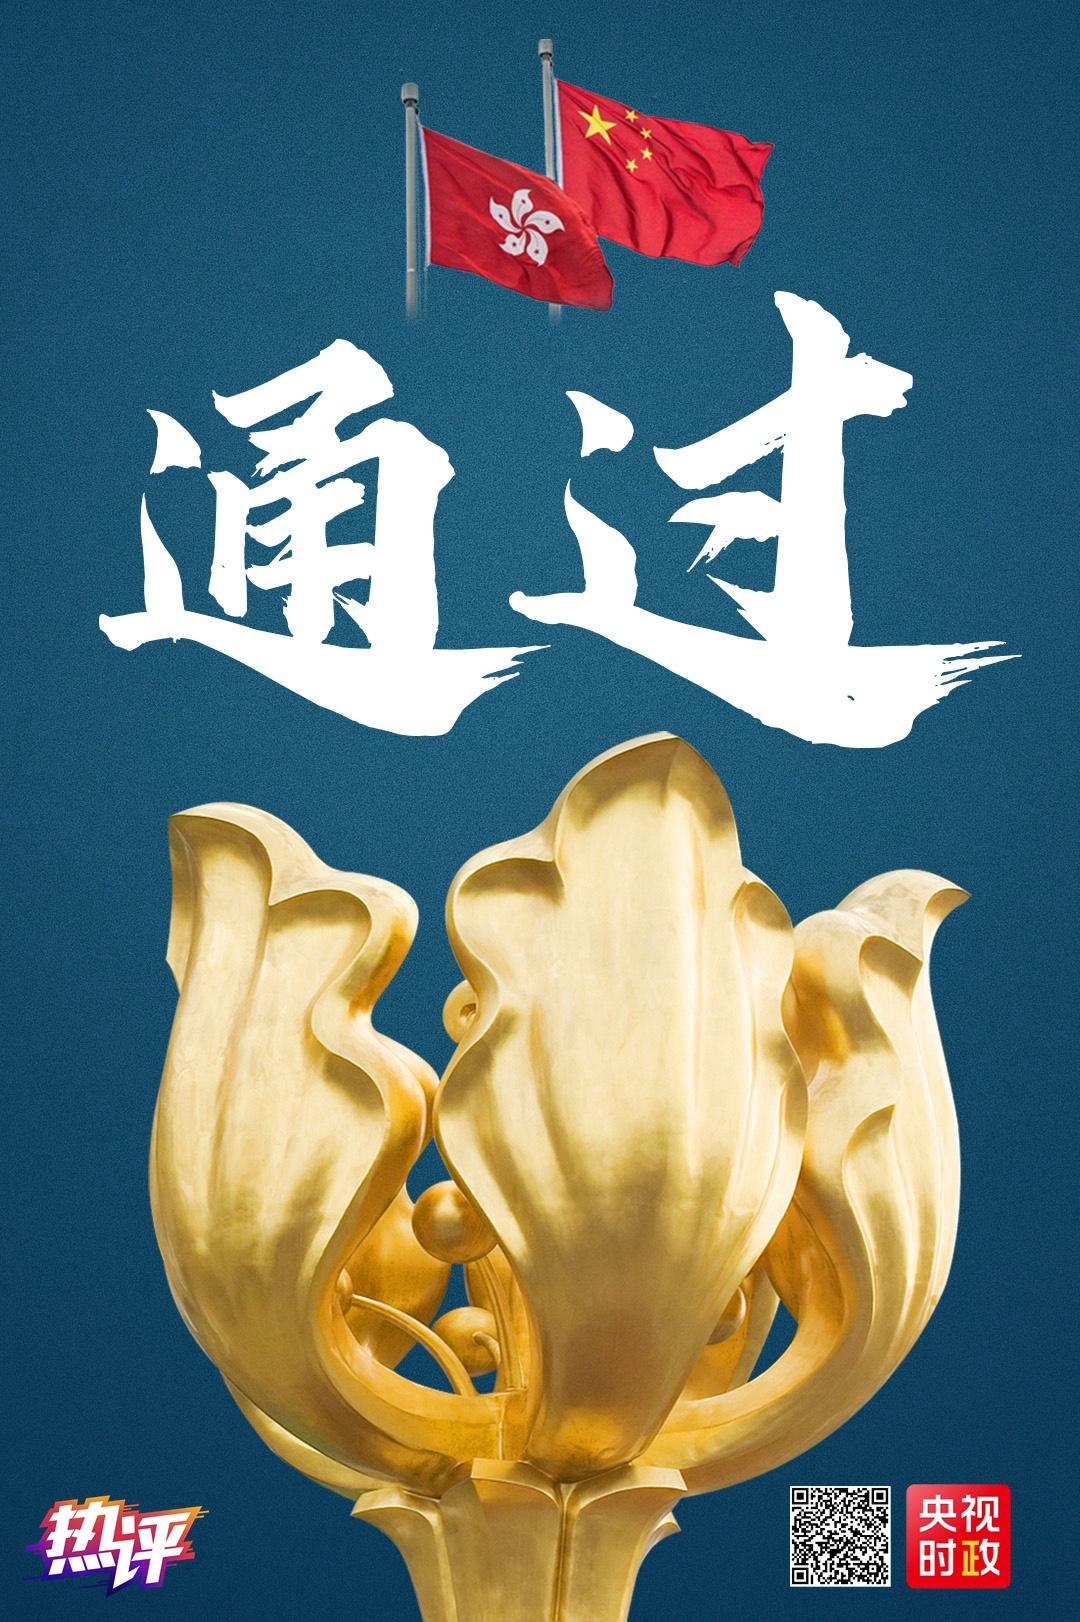 [摩天代理]央摩天代理视香港国安法塑造一国两制光图片